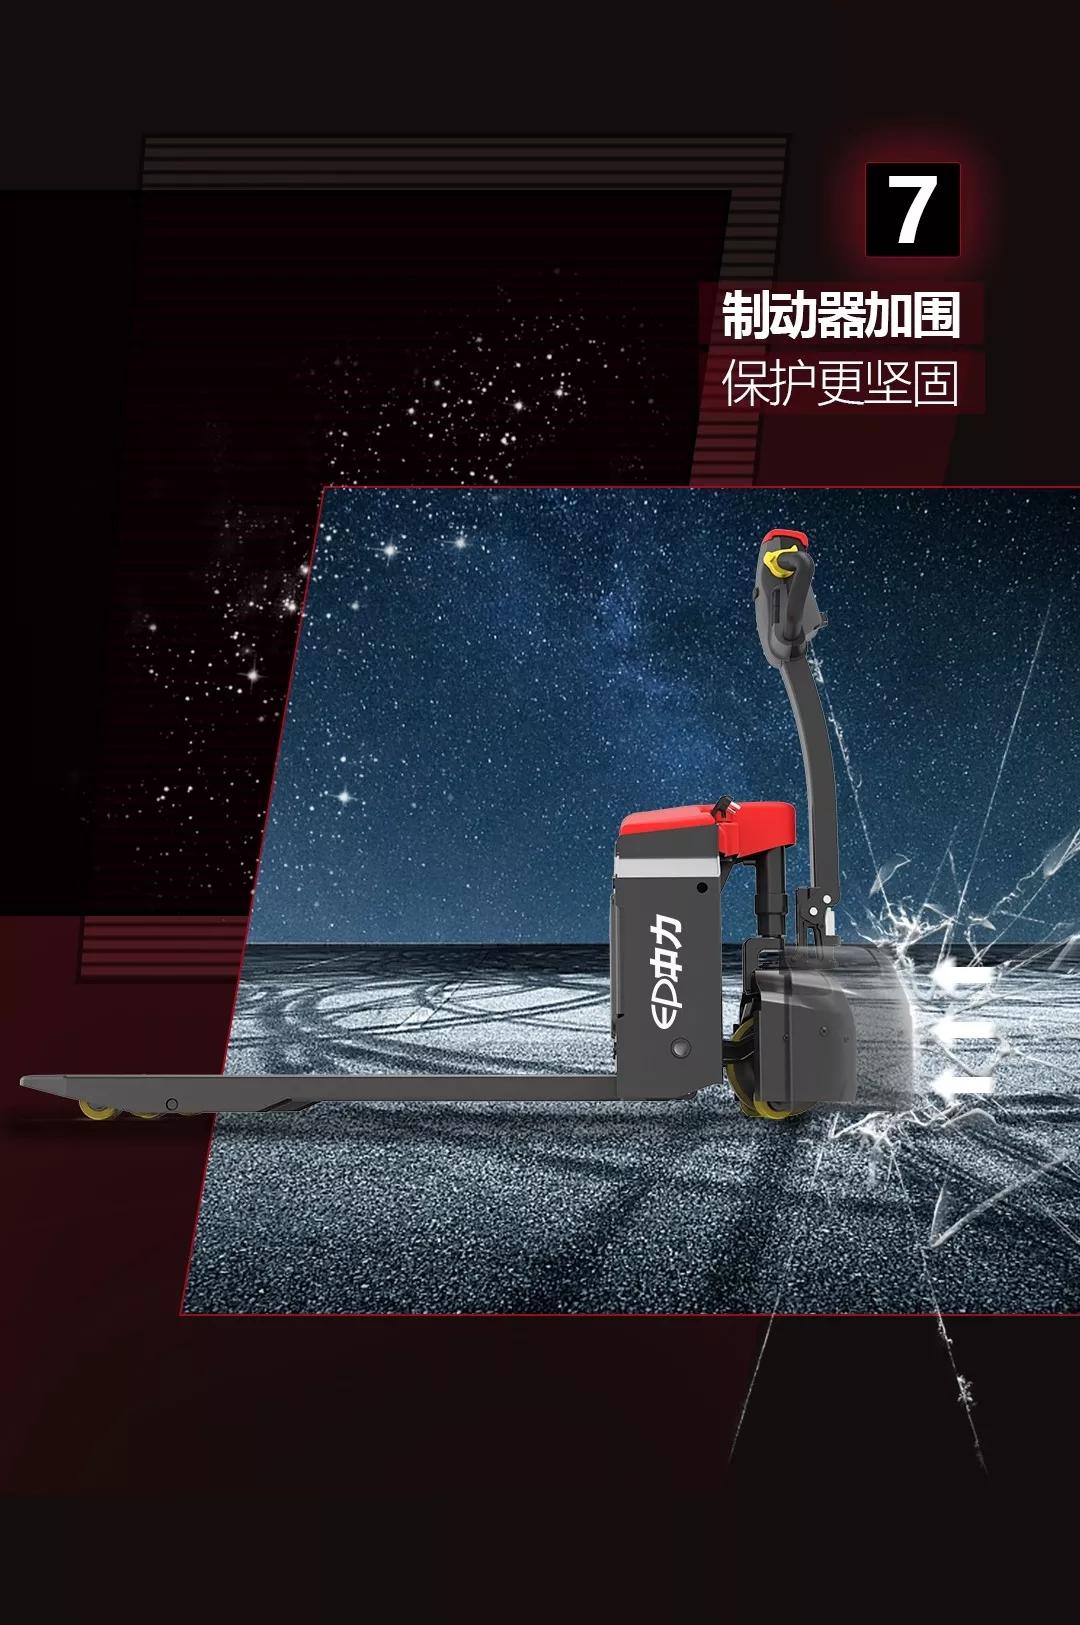 漳州永邦机械设备有限公司